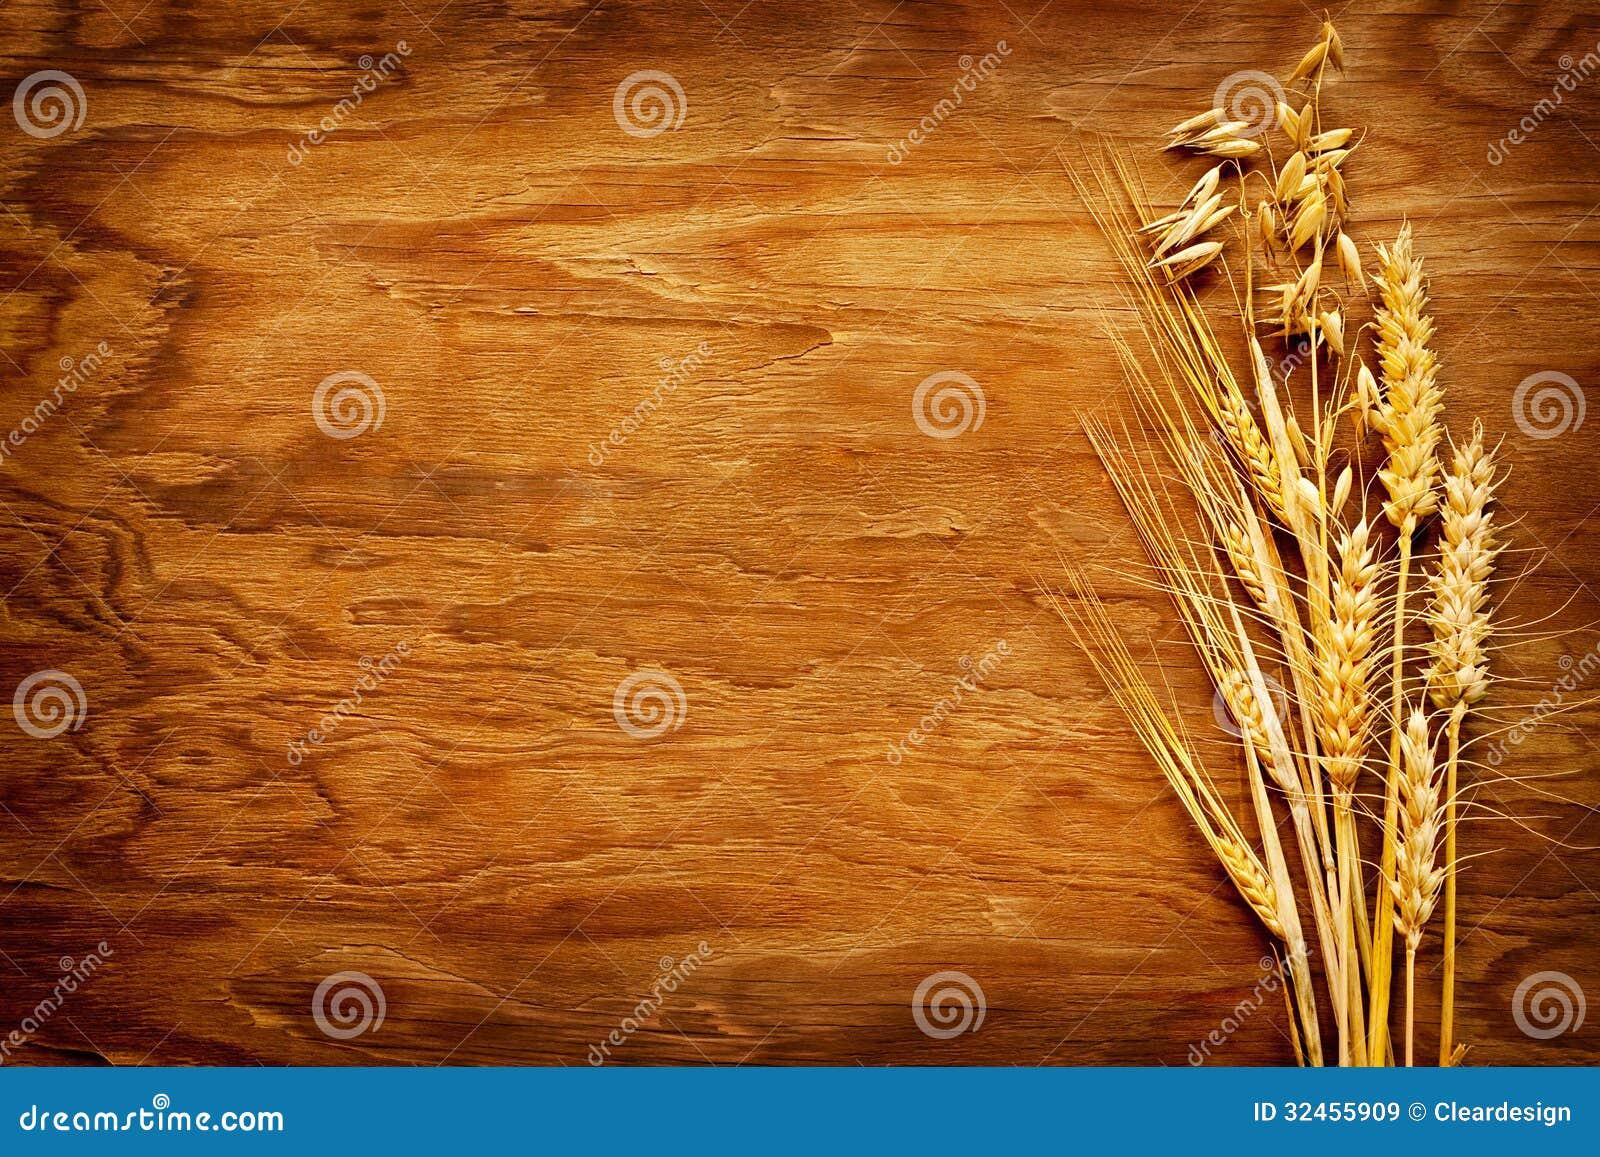 在葡萄酒木头背景显示的谷物的不同的类型